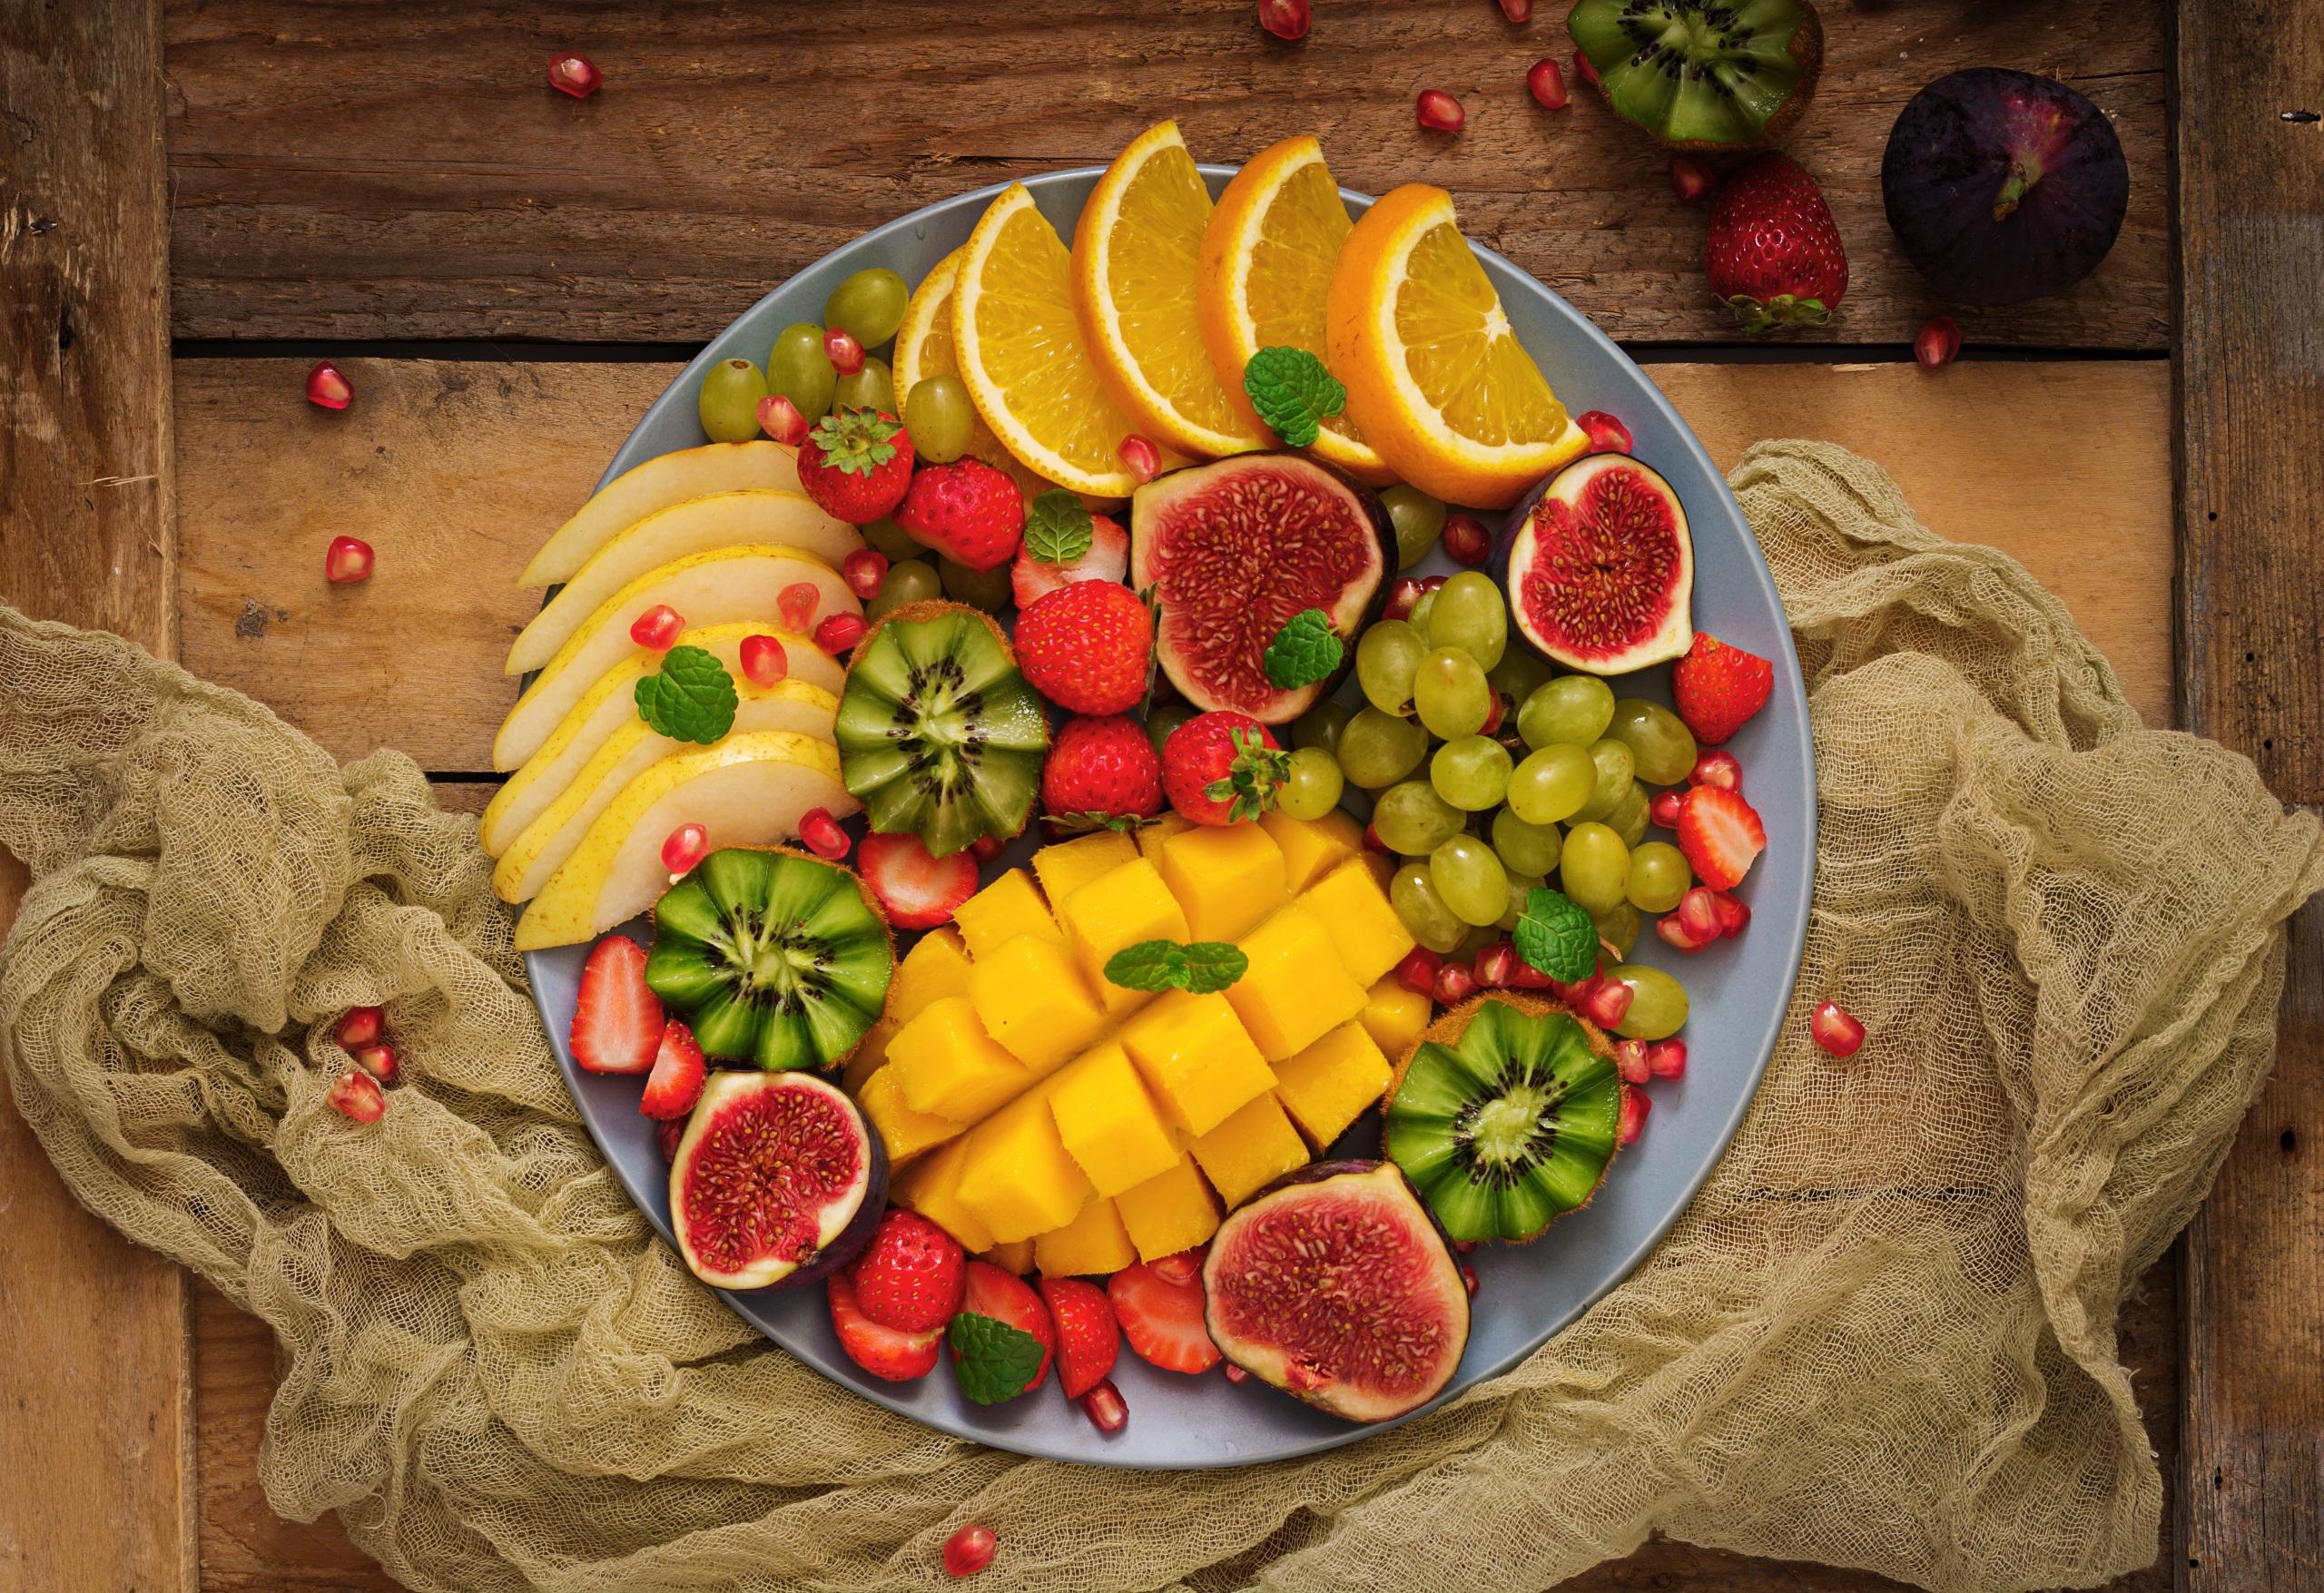 Картинки Инжир Манго Виноград Еда Фрукты 2560x1755 Пища Продукты питания